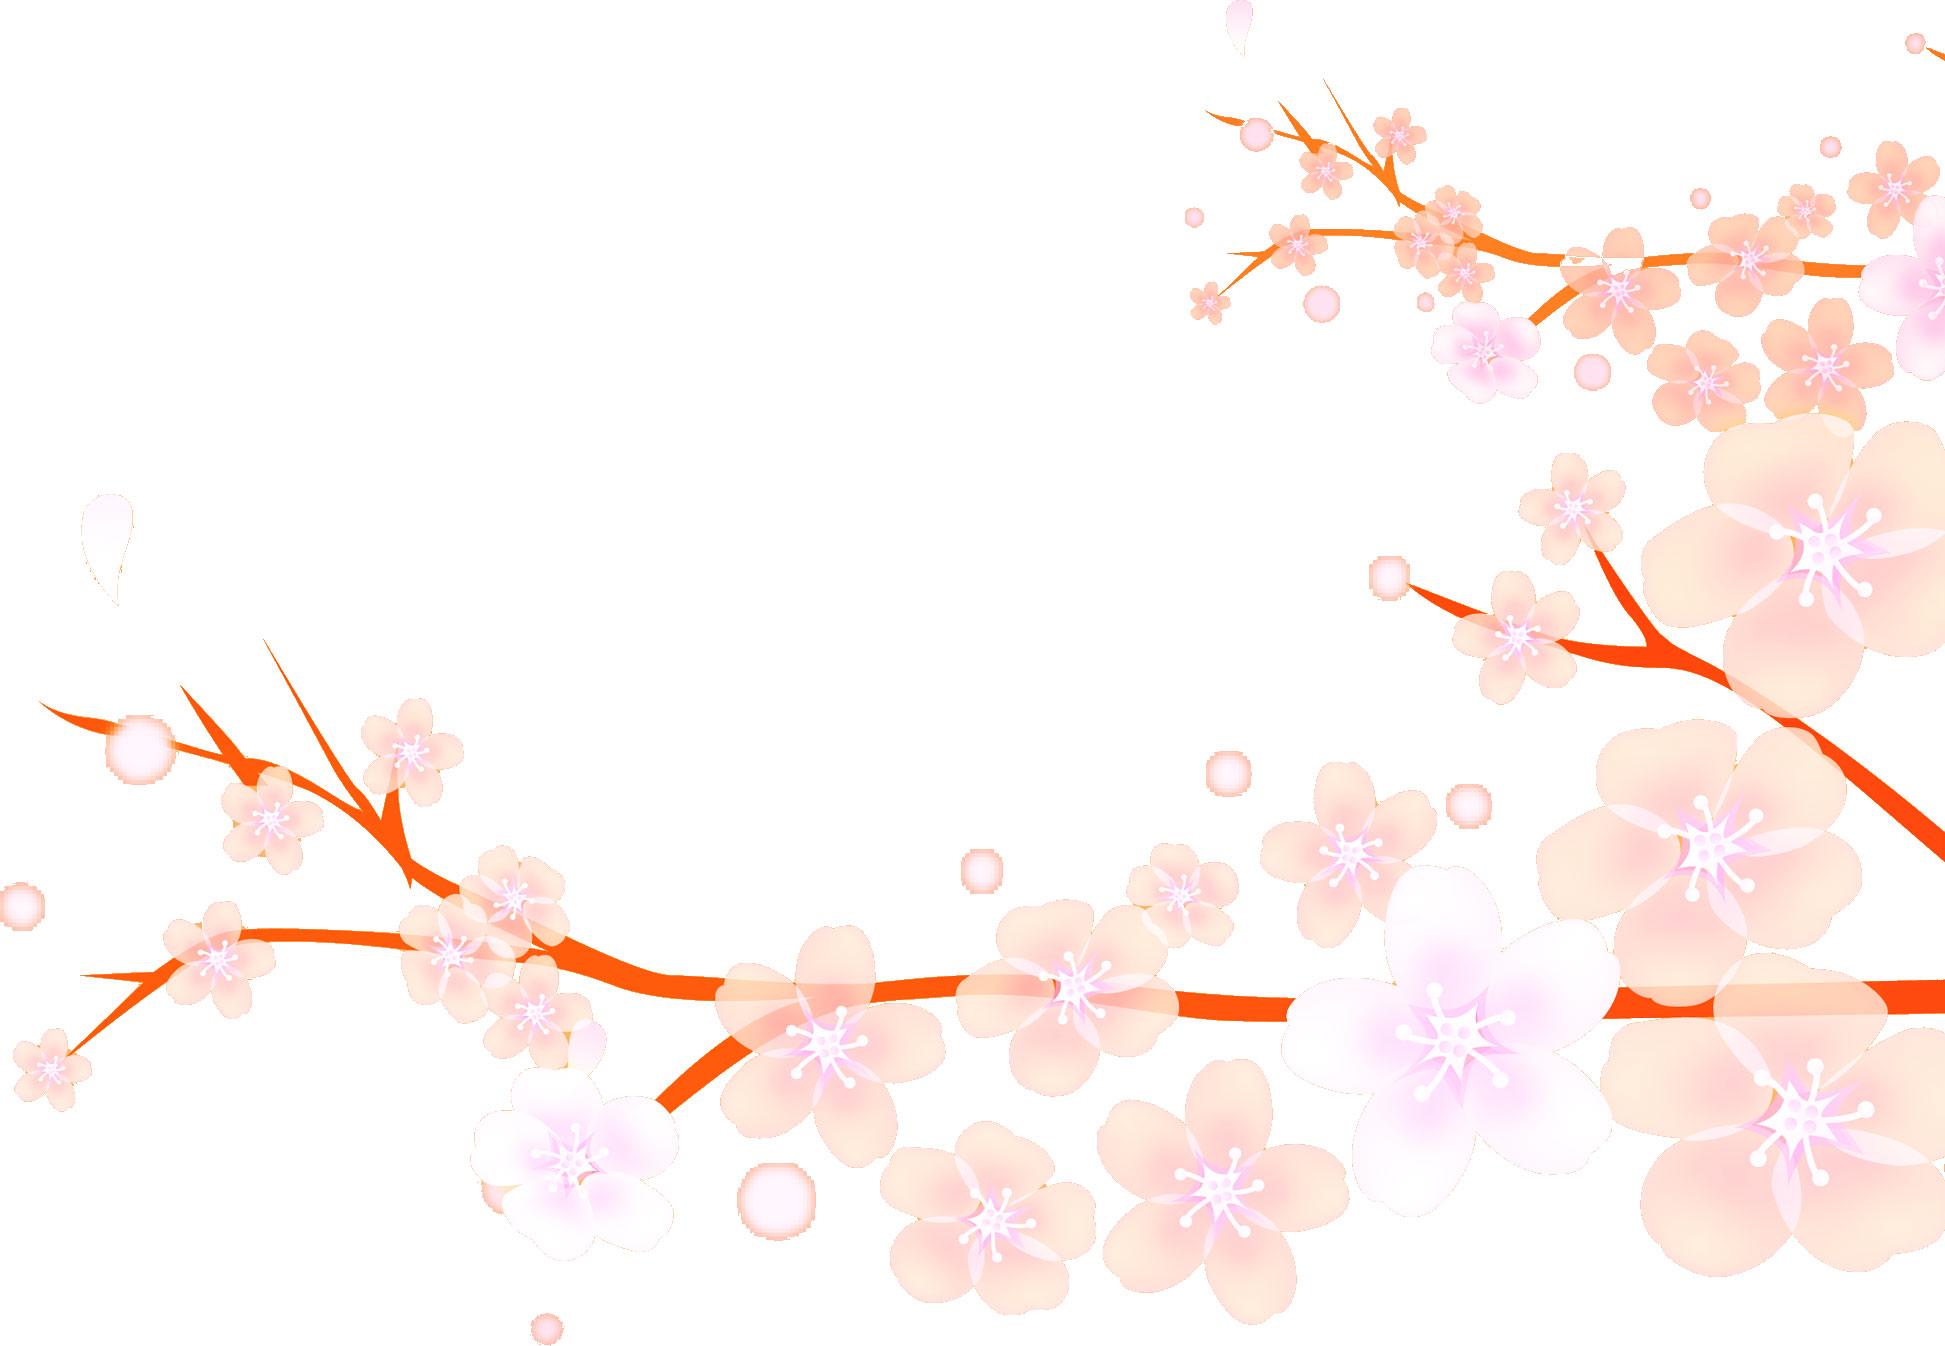 桜(さくら)の画像・イラスト ... : 名前ラベル テンプレート : すべての講義